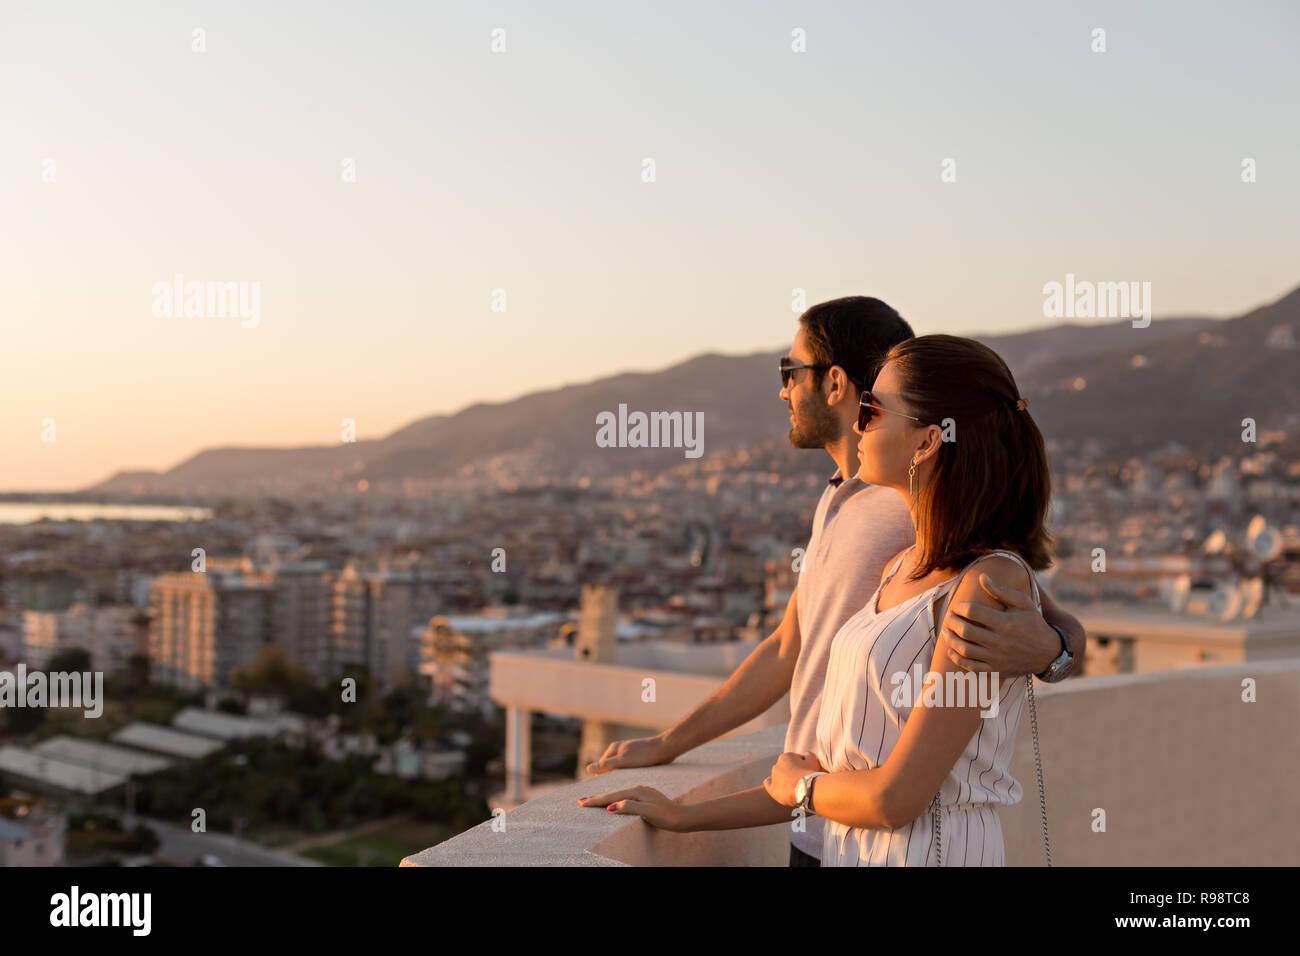 Disparo sideview horizontal de una joven pareja en atuendo de verano a disfrutar de la ciudad y vistas a la montaña desde la terraza de la azotea. Copie el espacio. Foto de stock